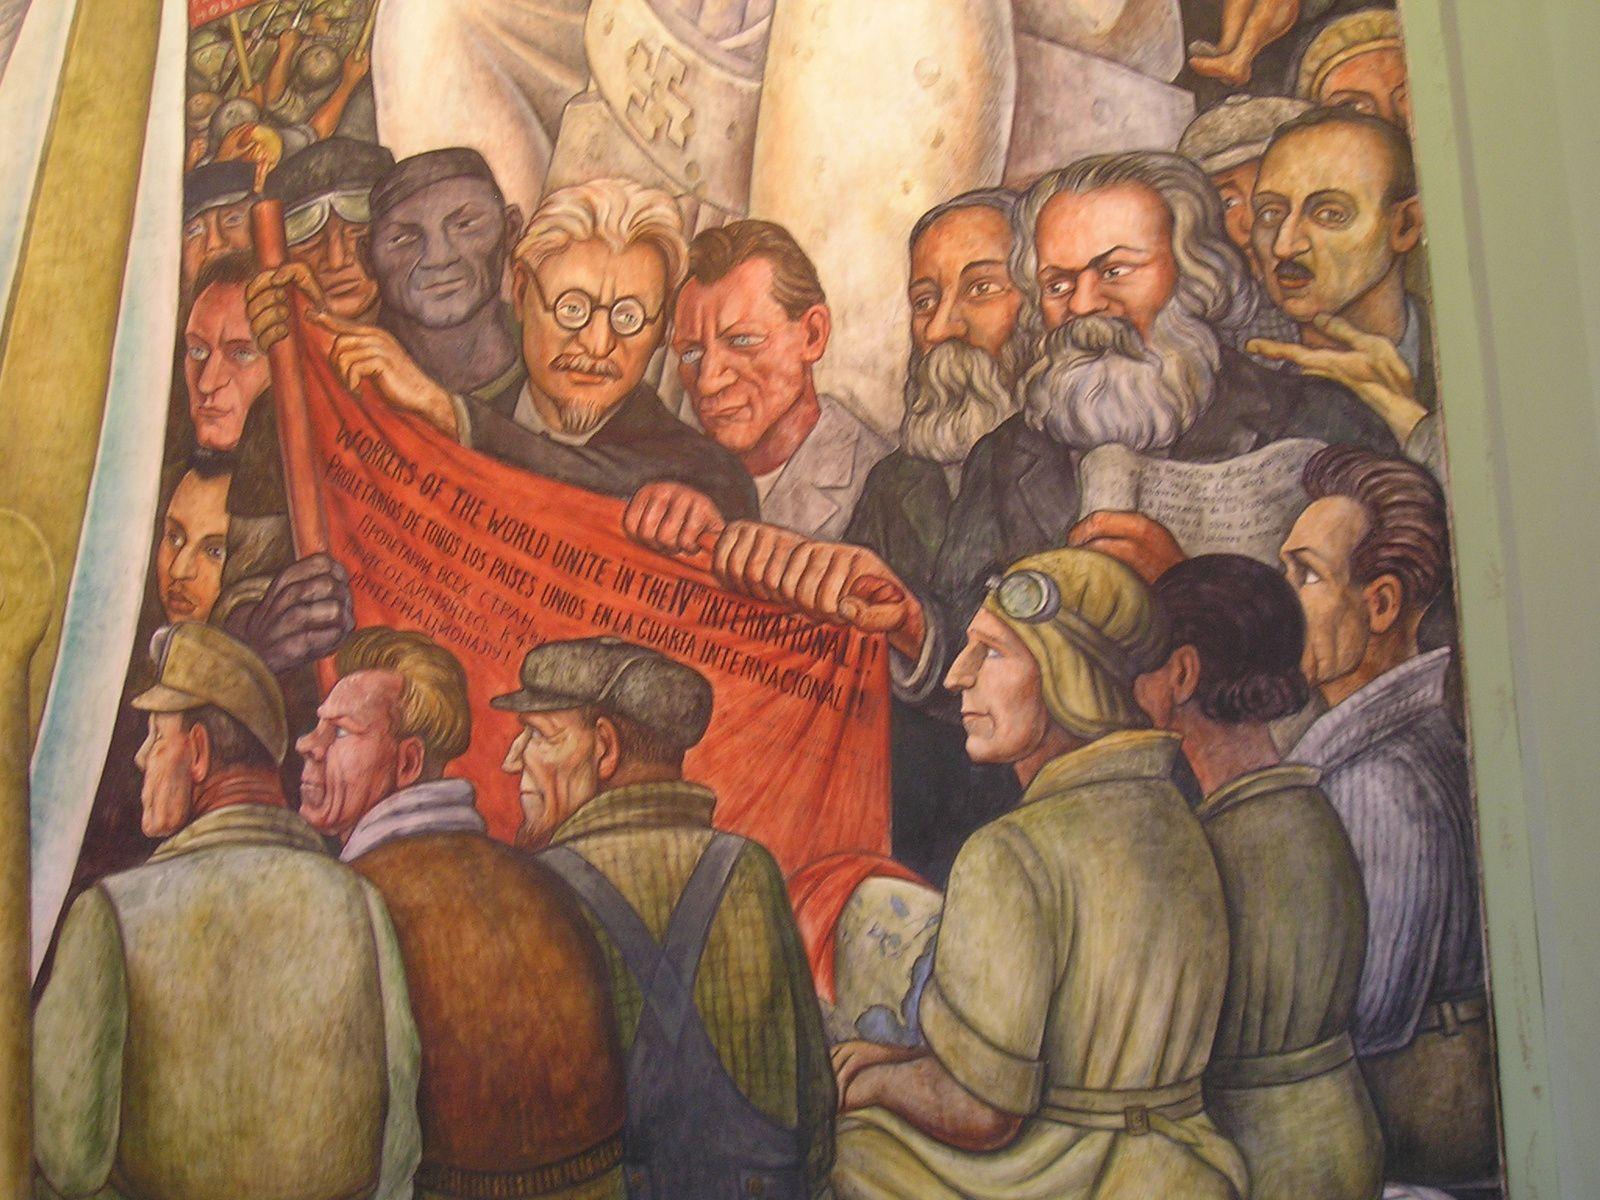 &quot&#x3B;Travailleurs de Russie et d'Ukraine, rassemblez-vous pour l'égalité sociale et nationale !&quot&#x3B;